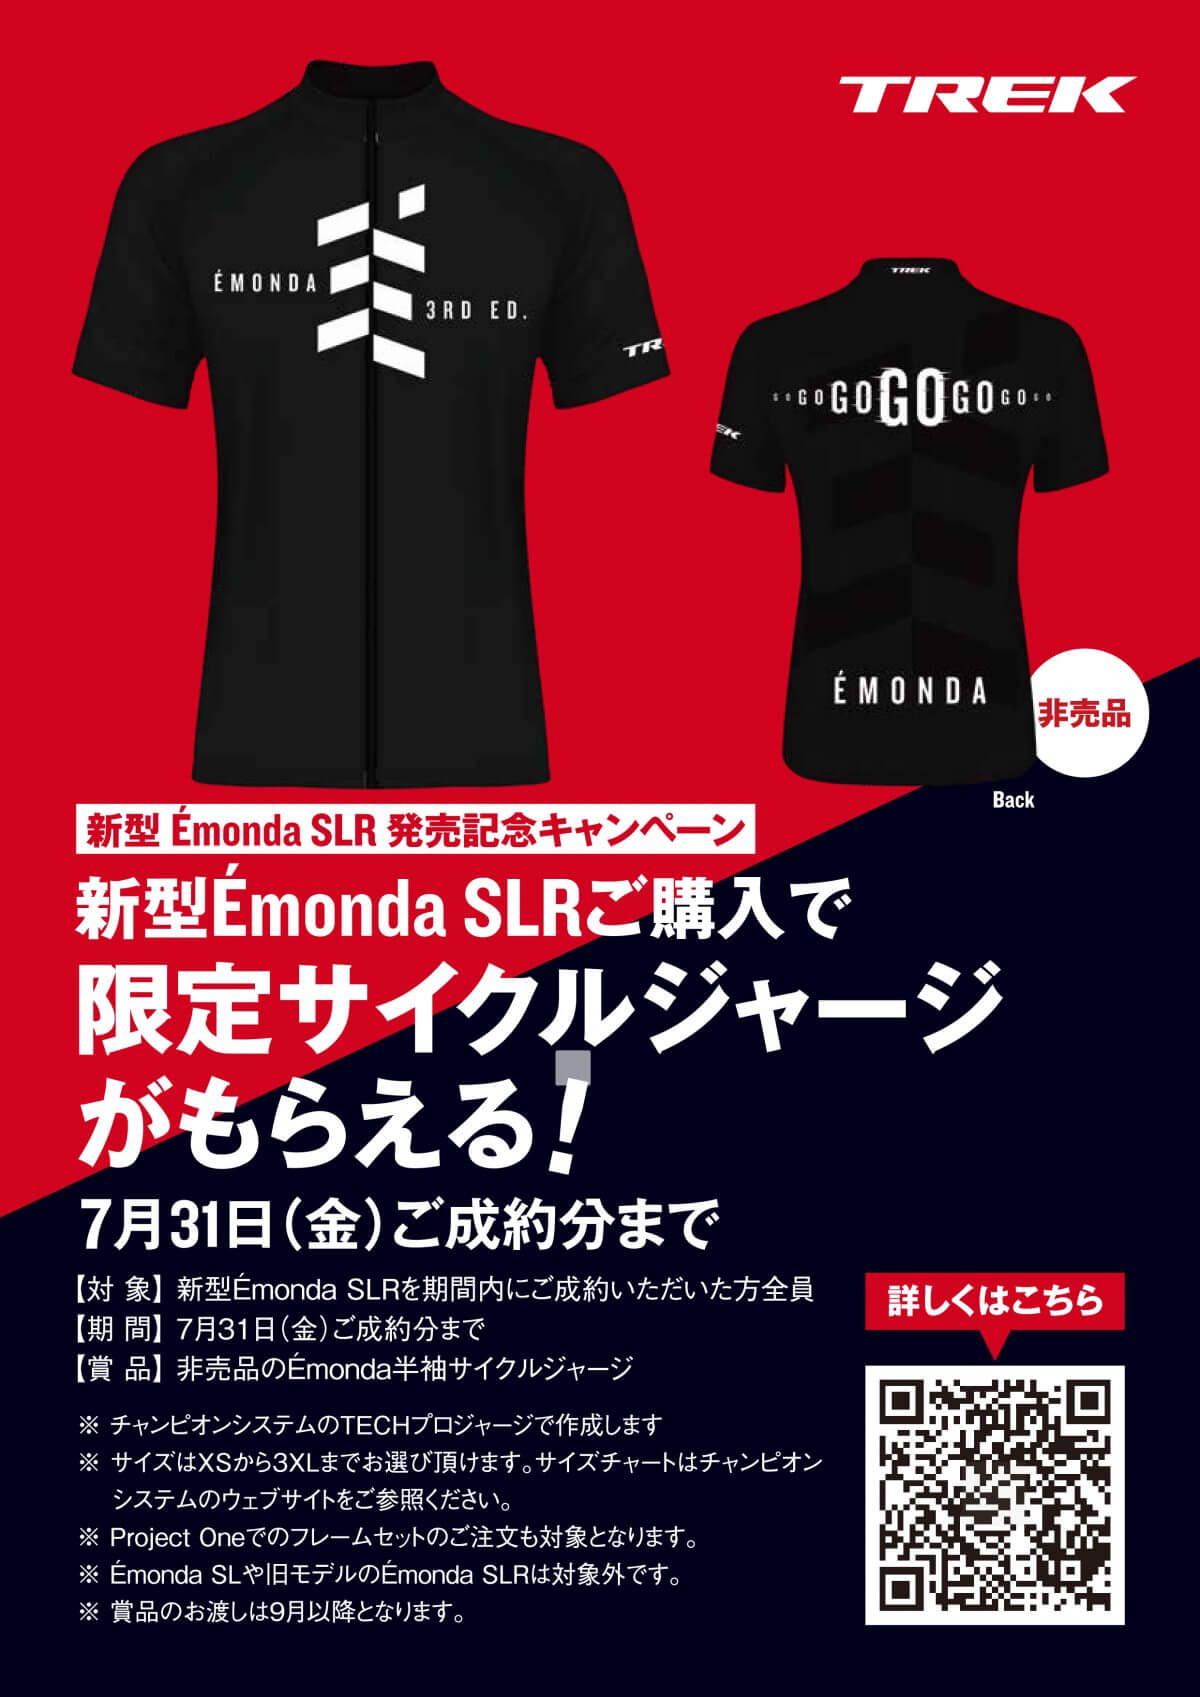 EMOND11